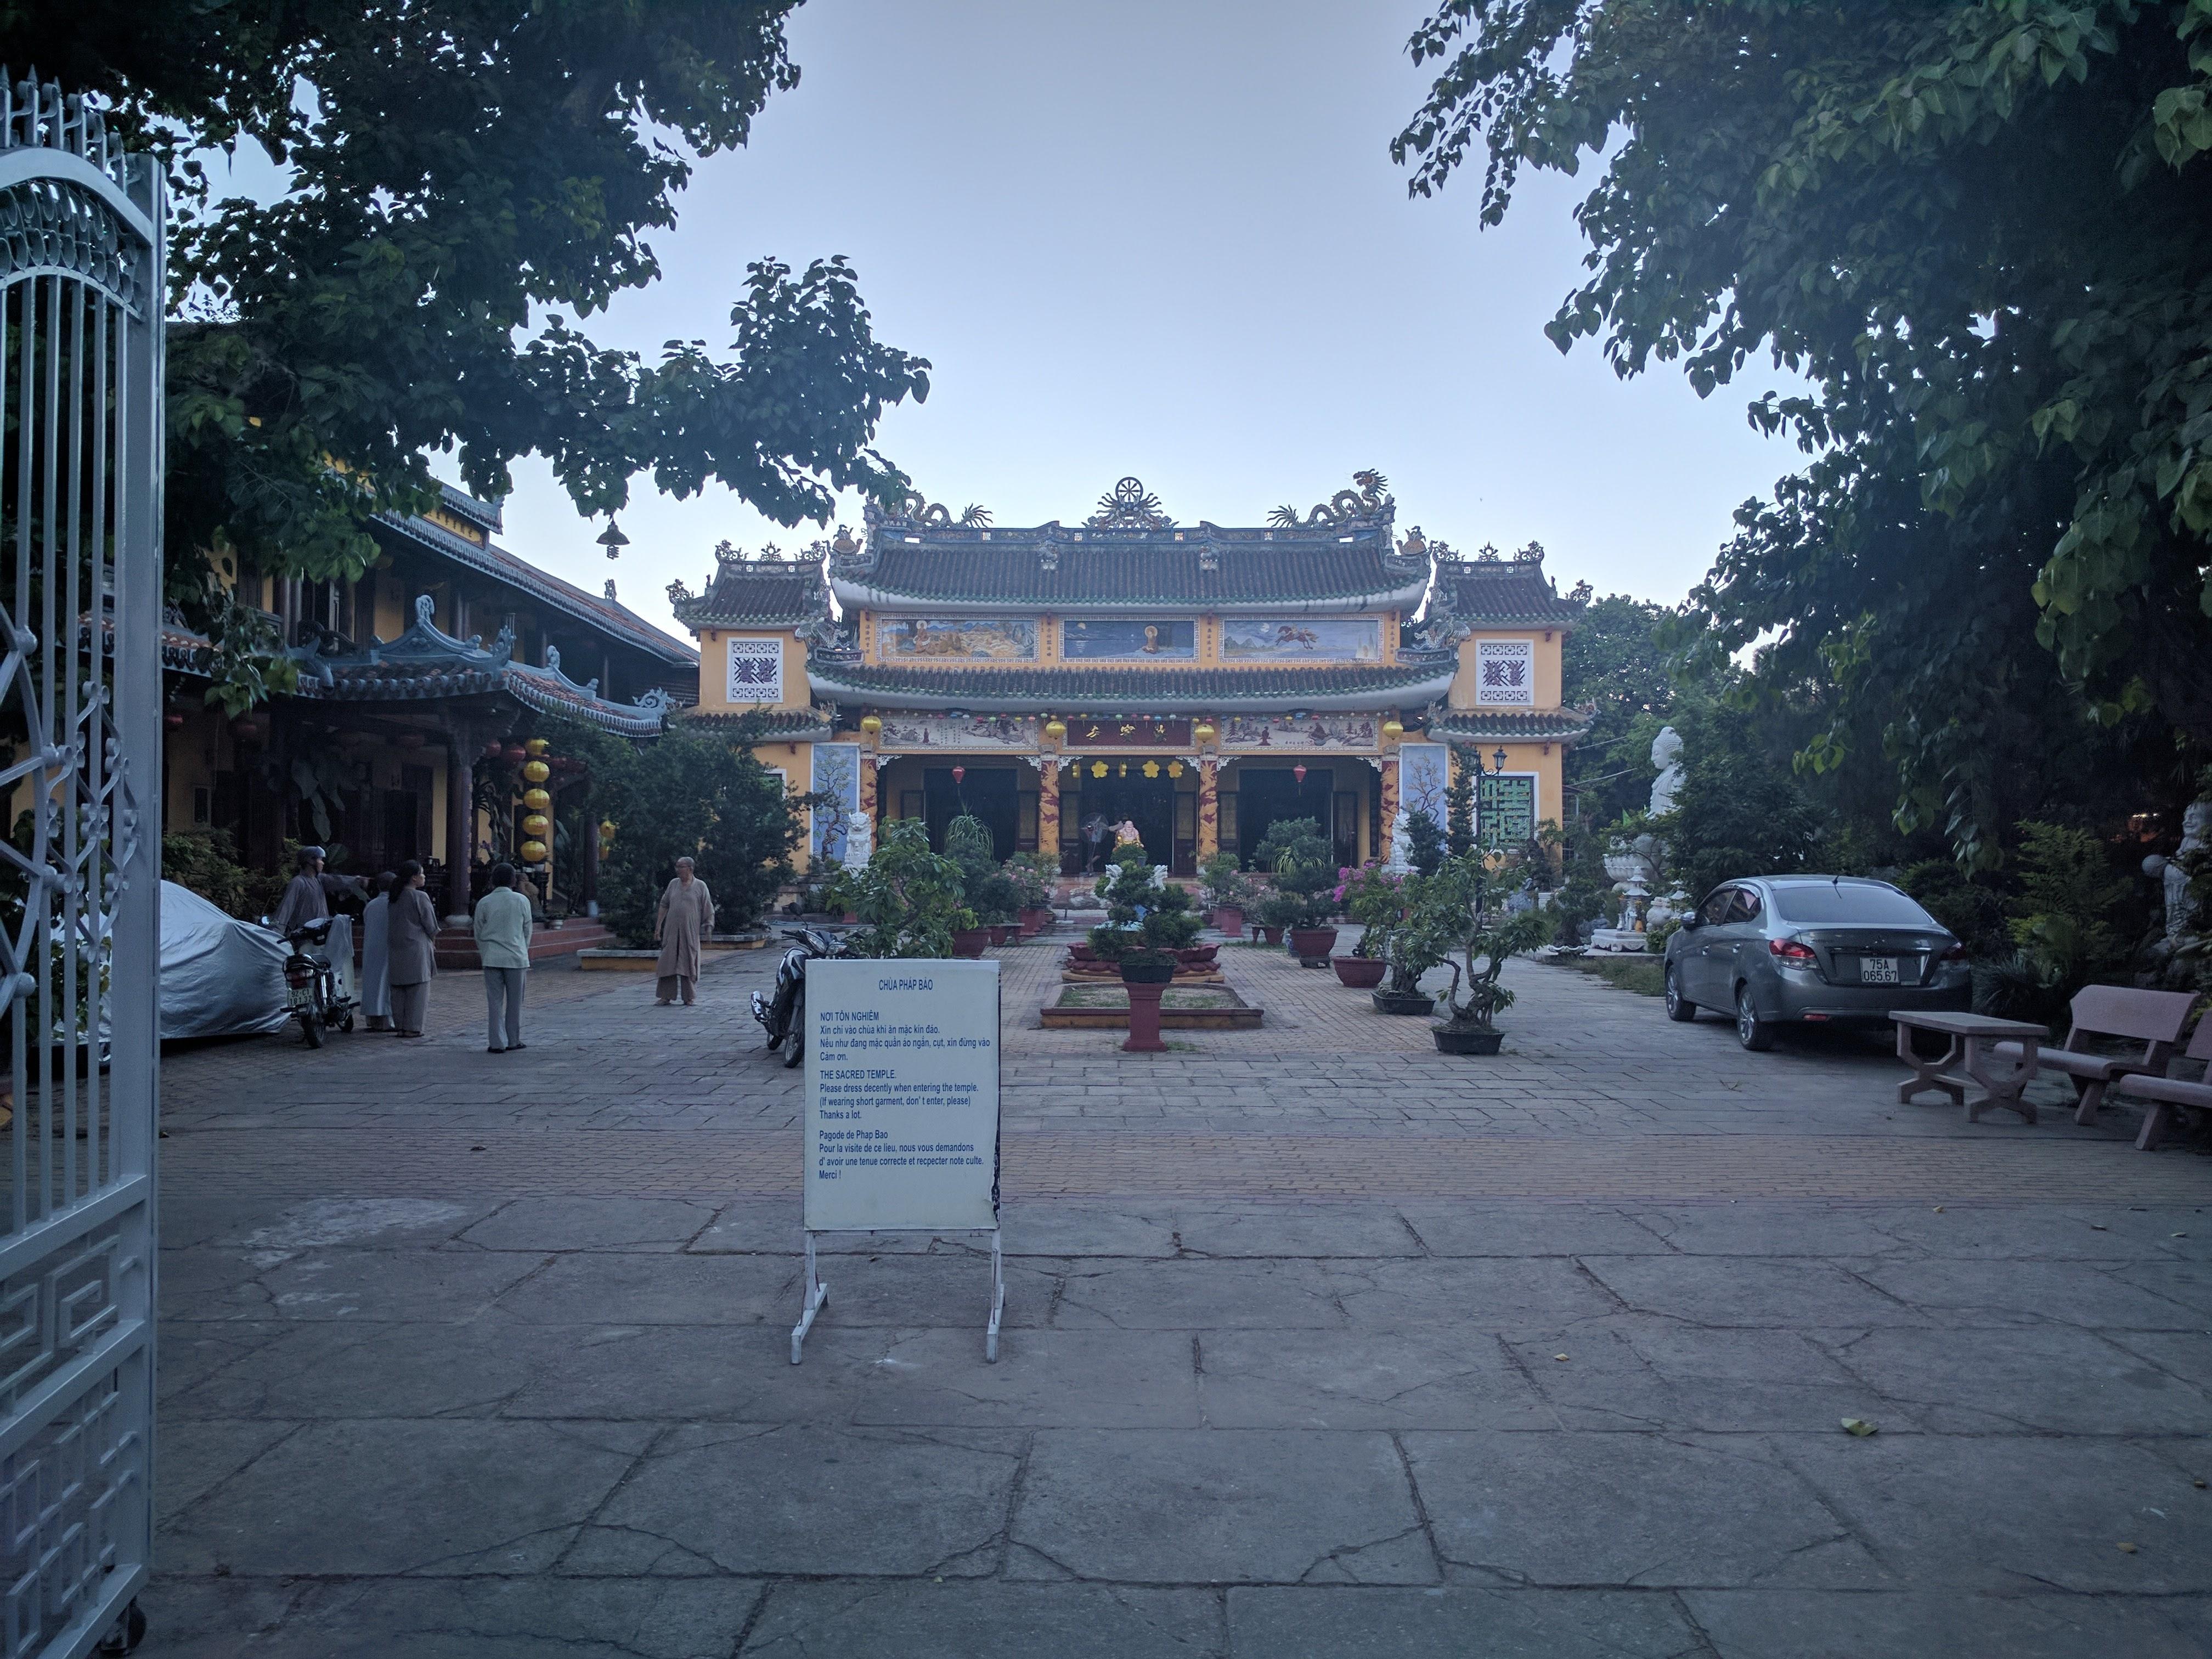 Temple Hoi An